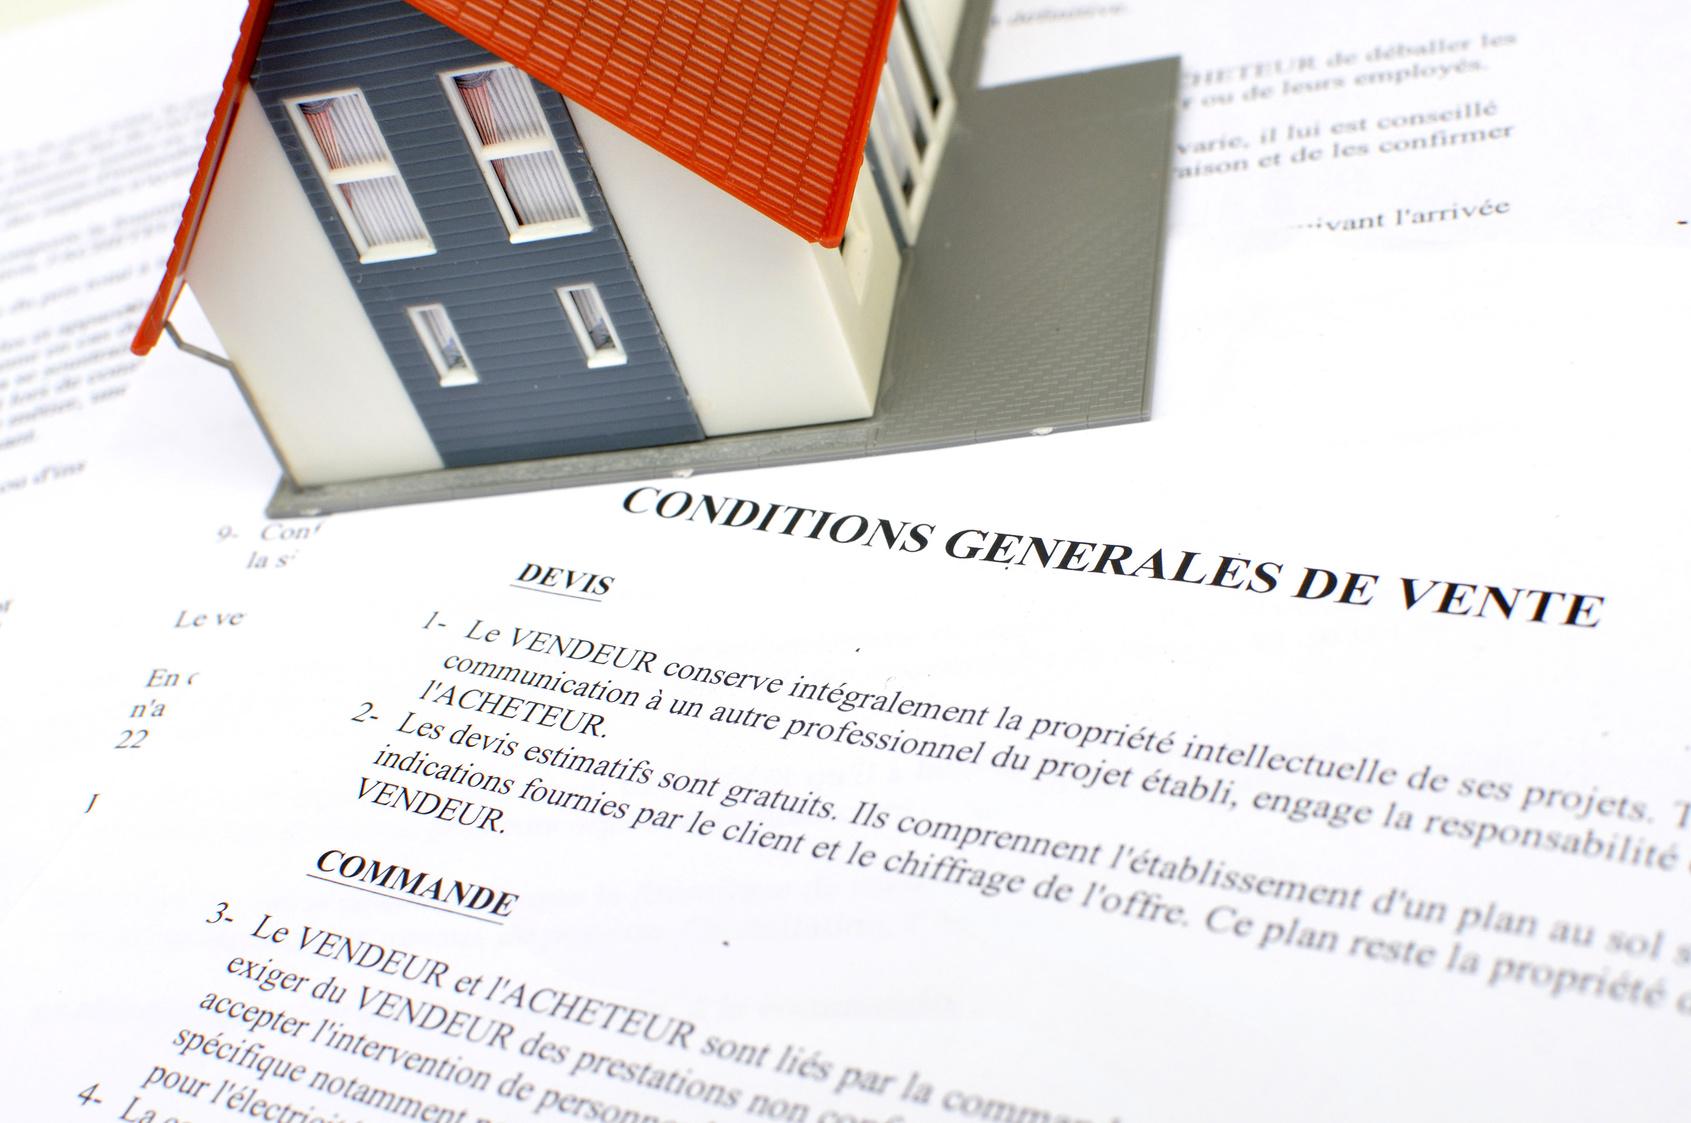 Conditions generales de vente